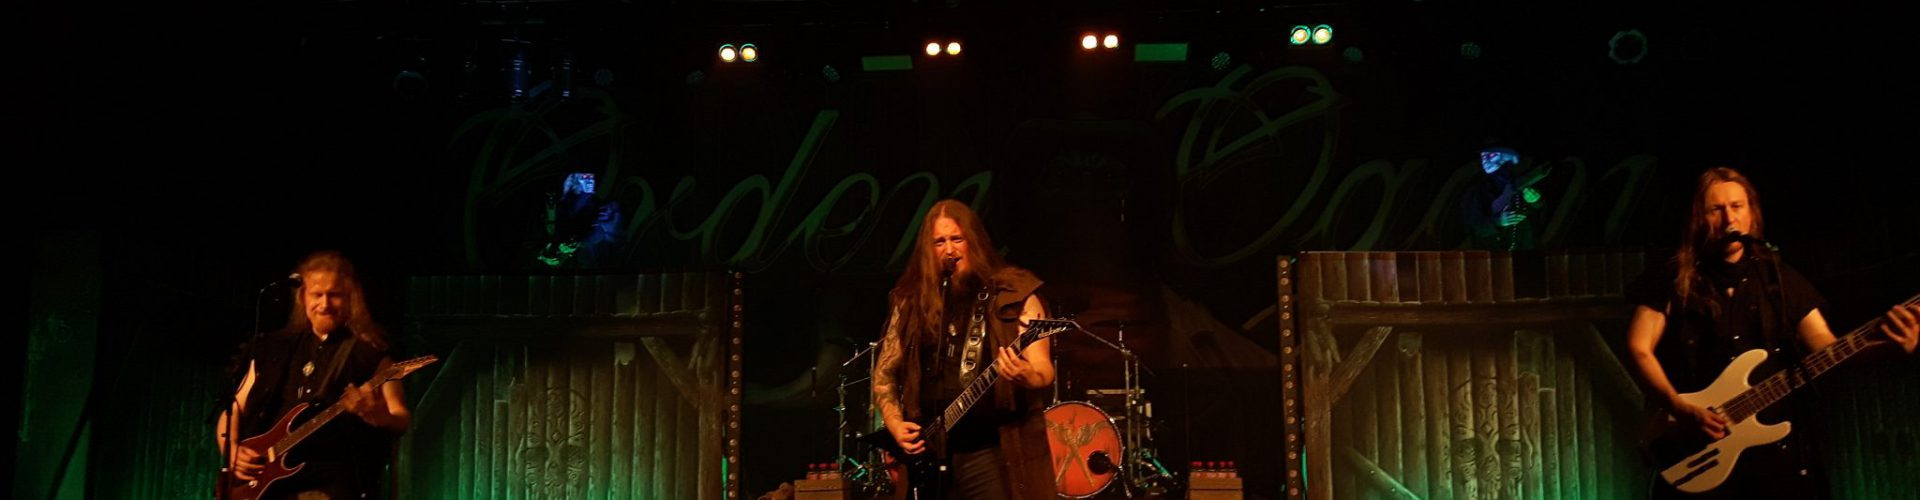 Exklusiv-Interview: ORDEN OGAN Schlagzeuger Dirk im Gespräch mit METALOGY